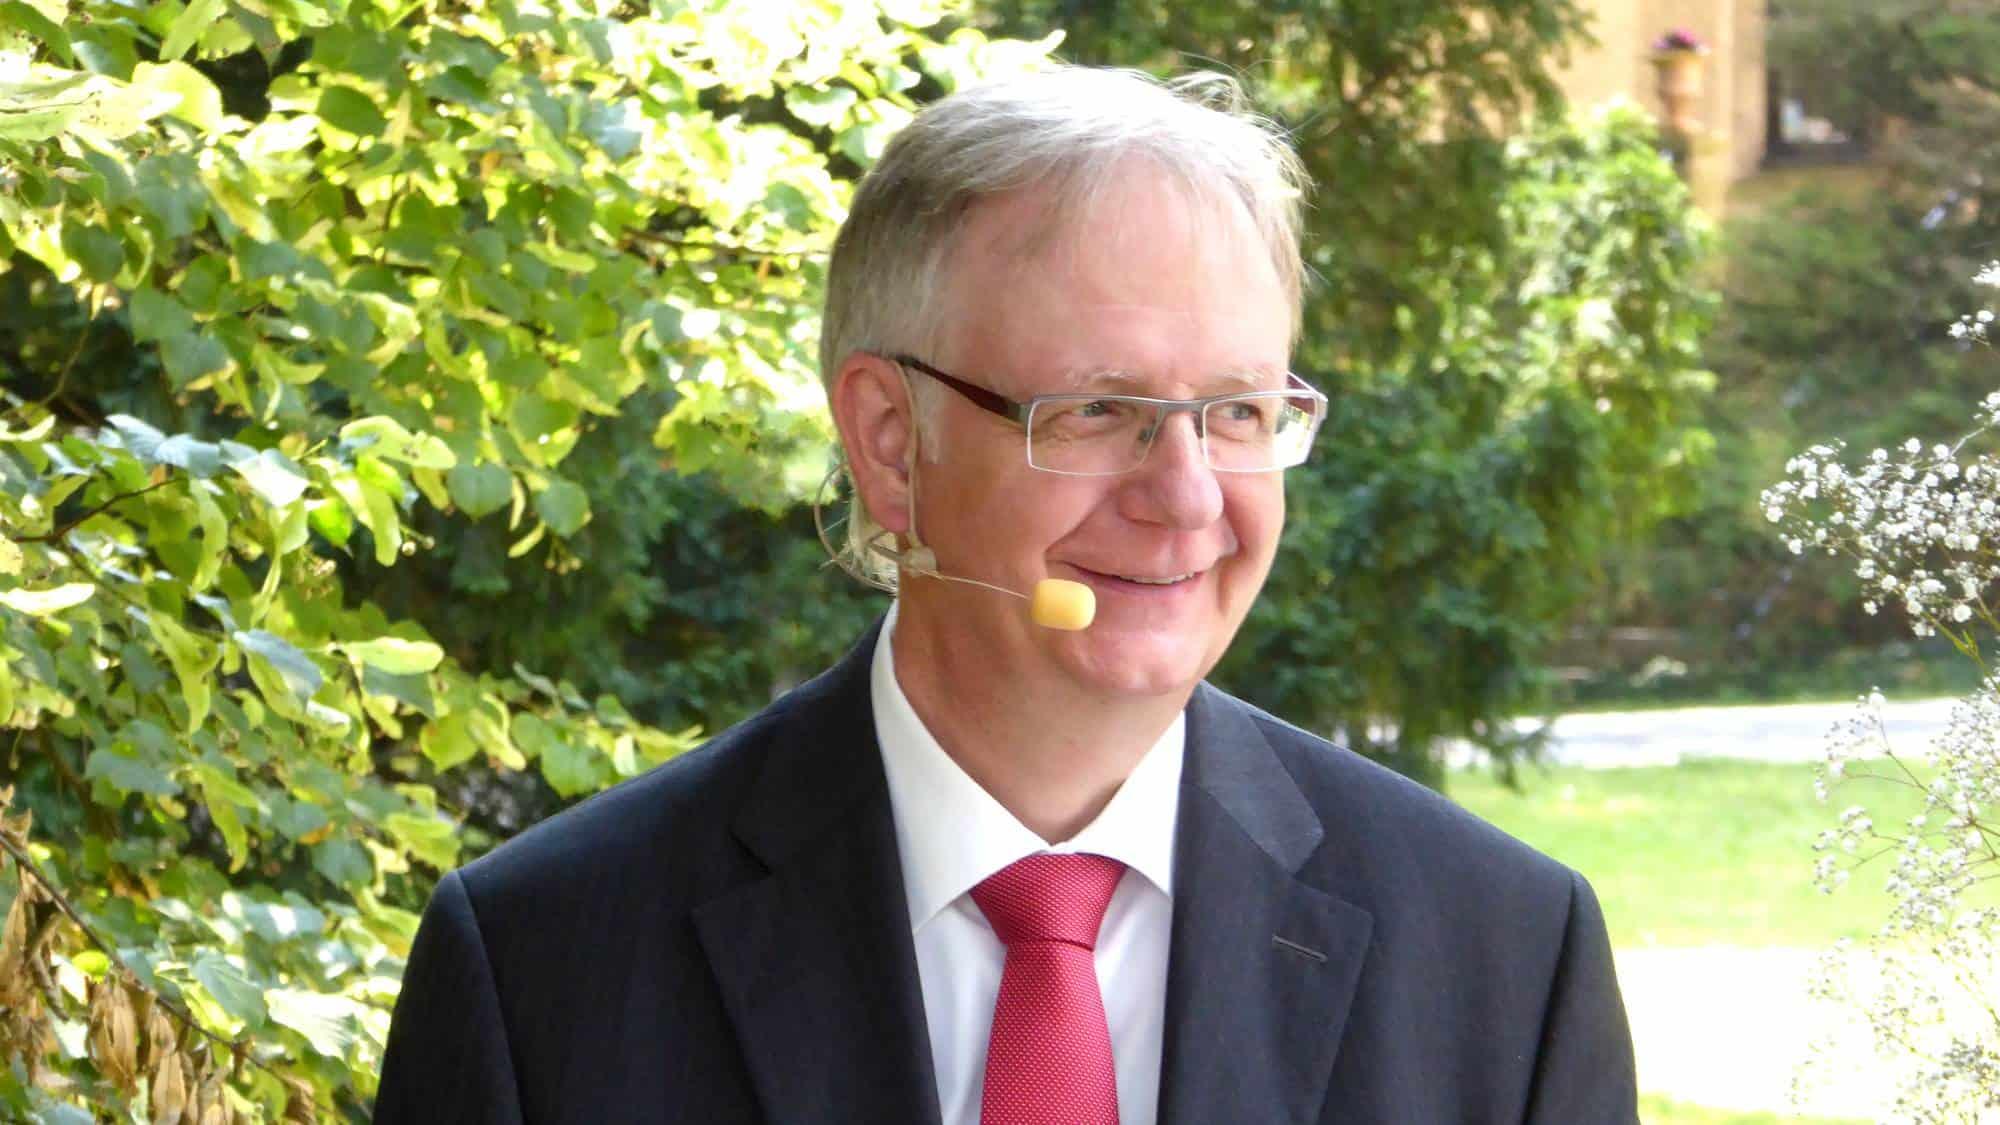 Theologe und Hochzeitsredner Reginald Müller bei der Trauzeremonie